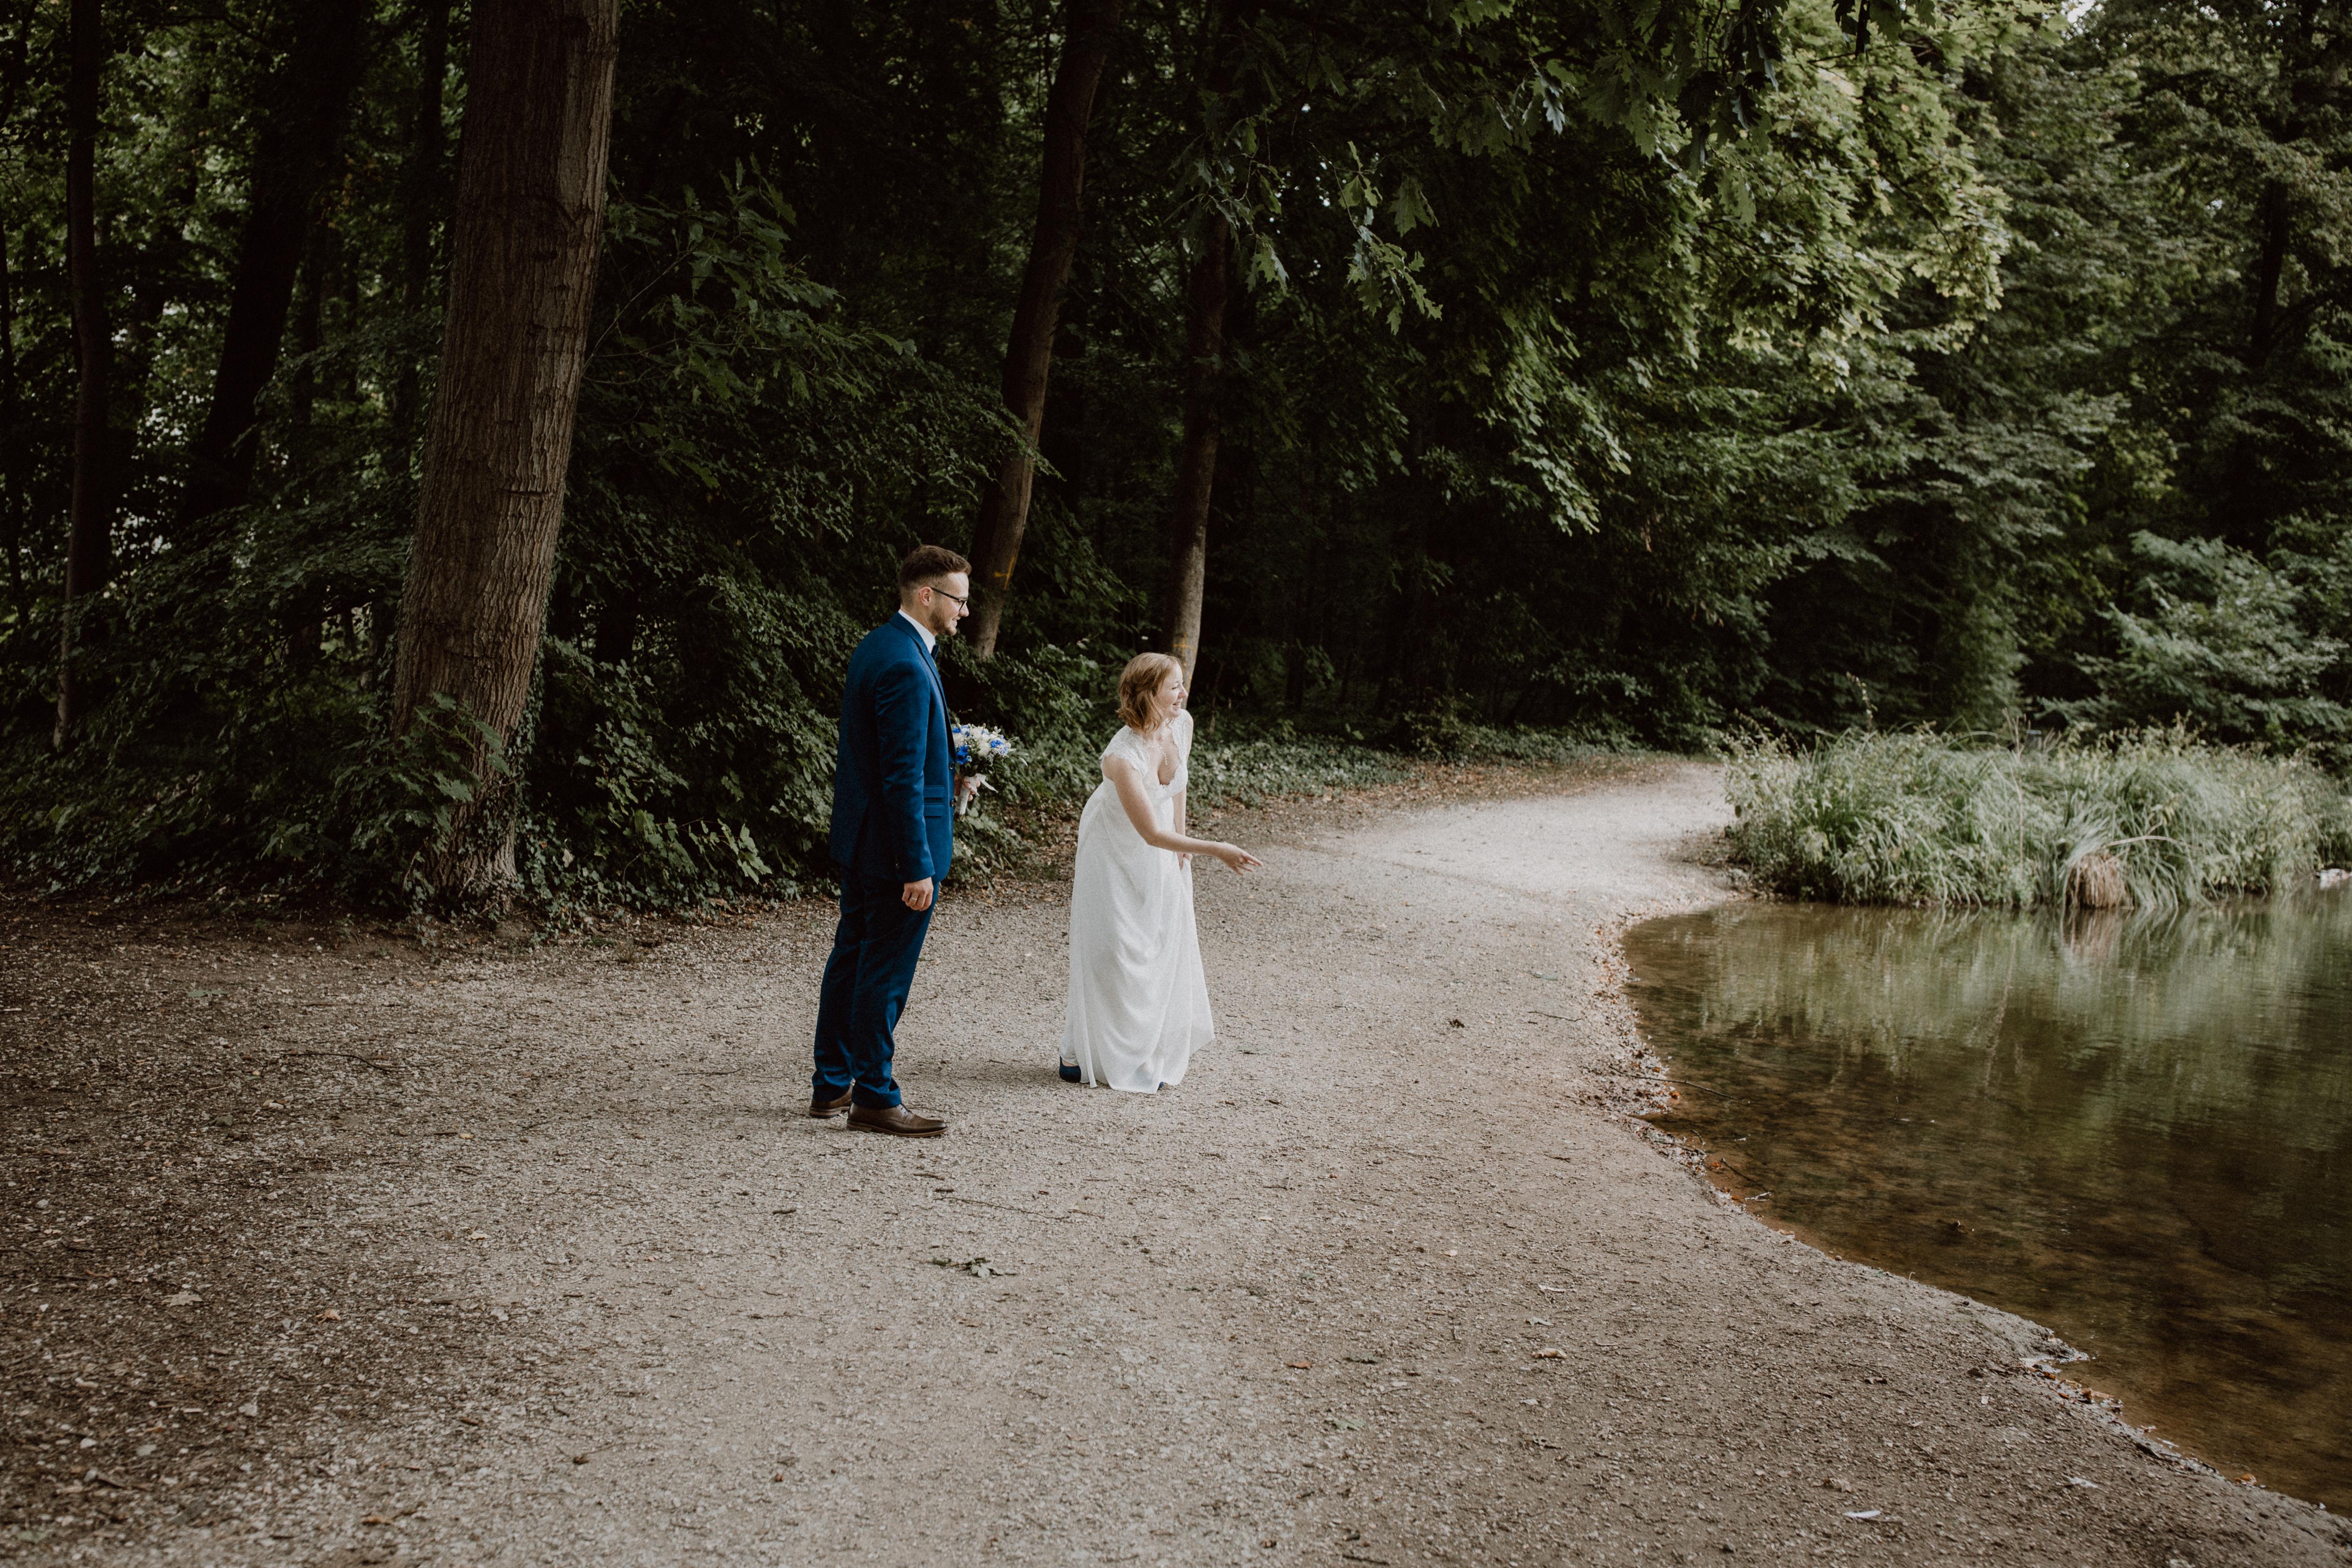 URBANERIE_Daniela_Goth_Hochzeitsfotografin_Nürnberg_Fürth_Erlangen_Schwabach_17907_0470